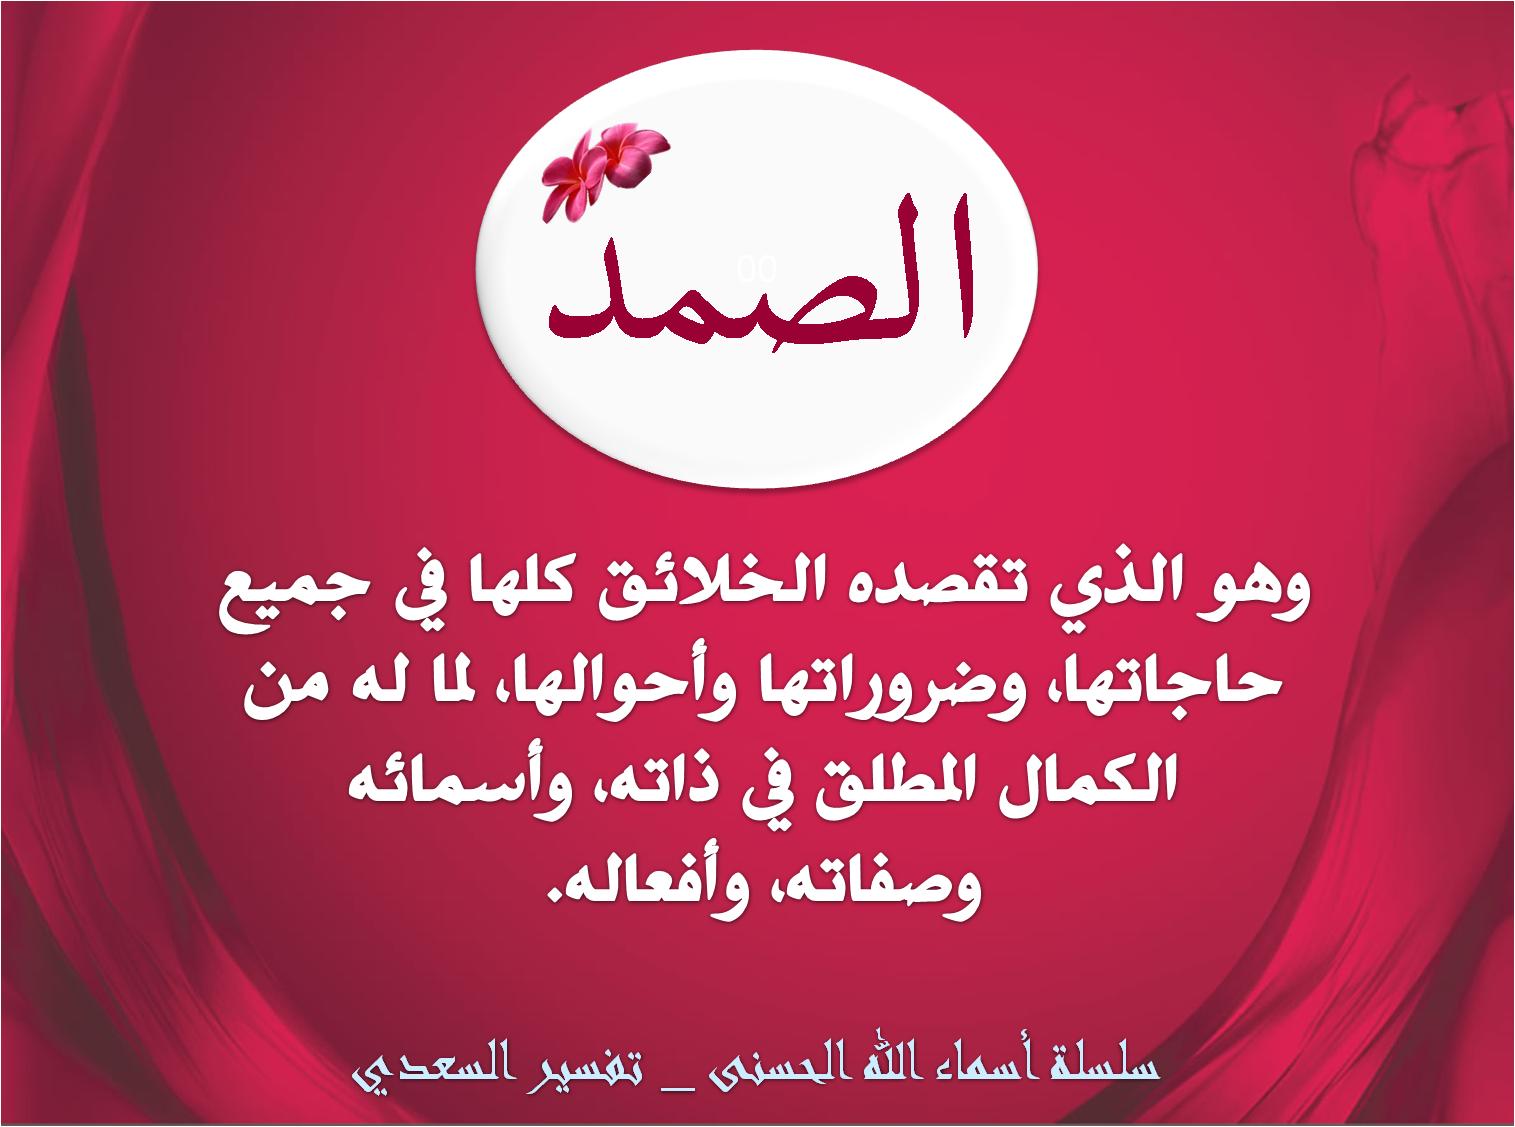 صور اسماء الله الحسني و معانيها مكتوبة علي رمزيات سوبر كايرو Allah Photo